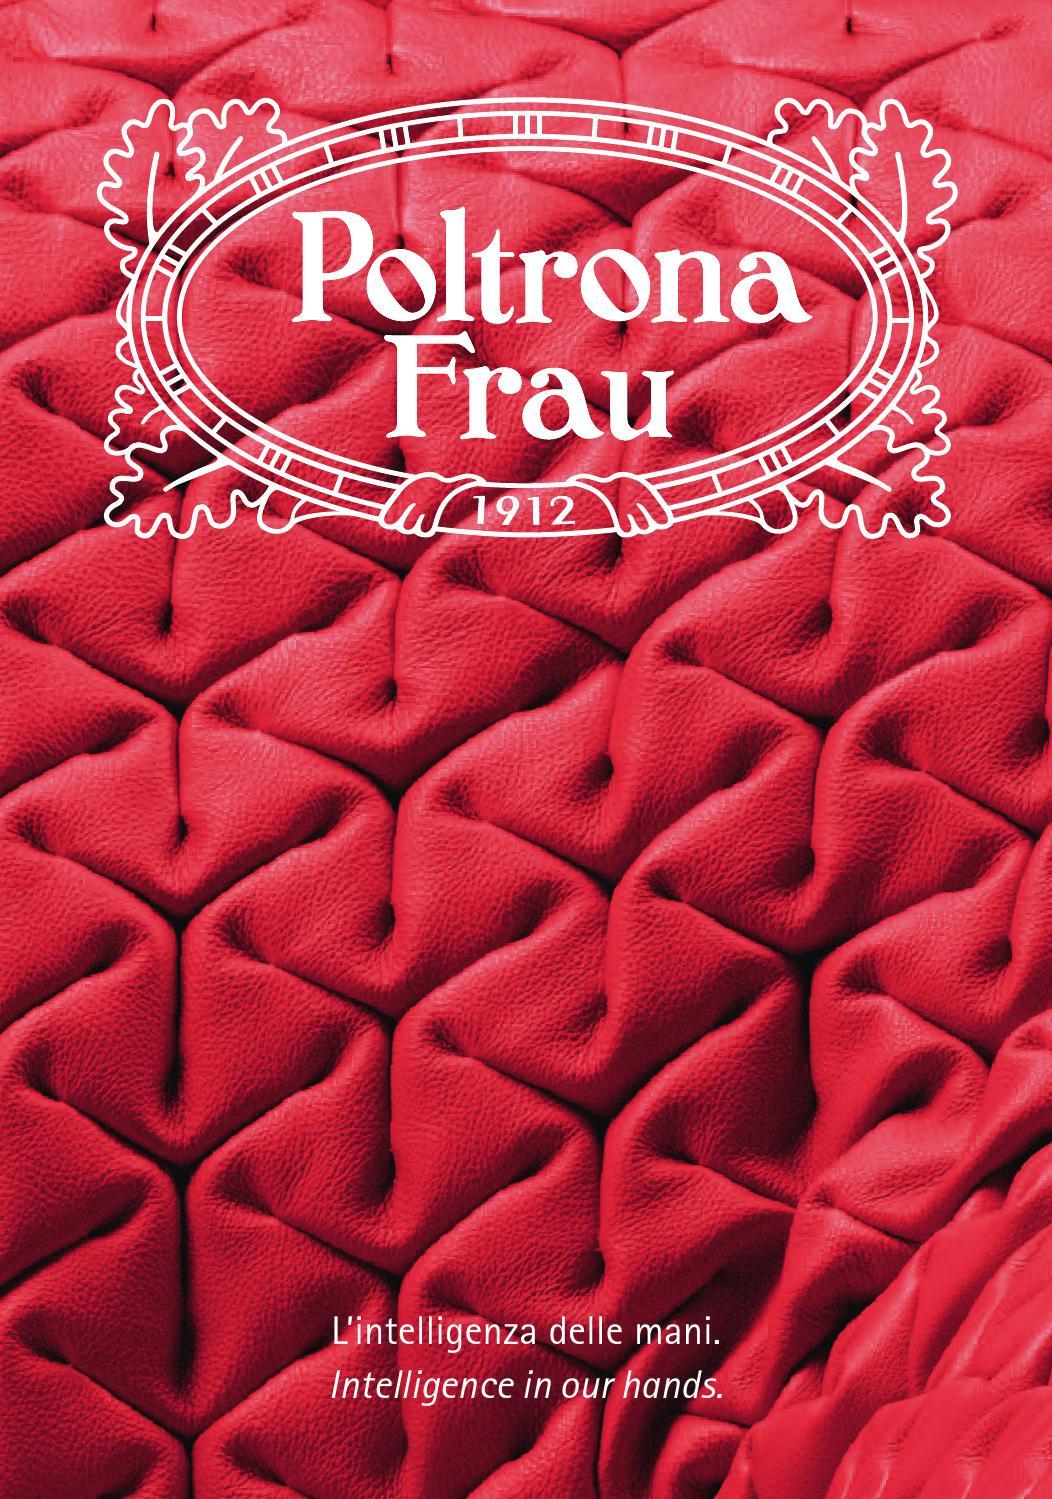 Letto Lord Poltrona Frau.Xtra Poltrona Frau By Xtra Furniture Issuu